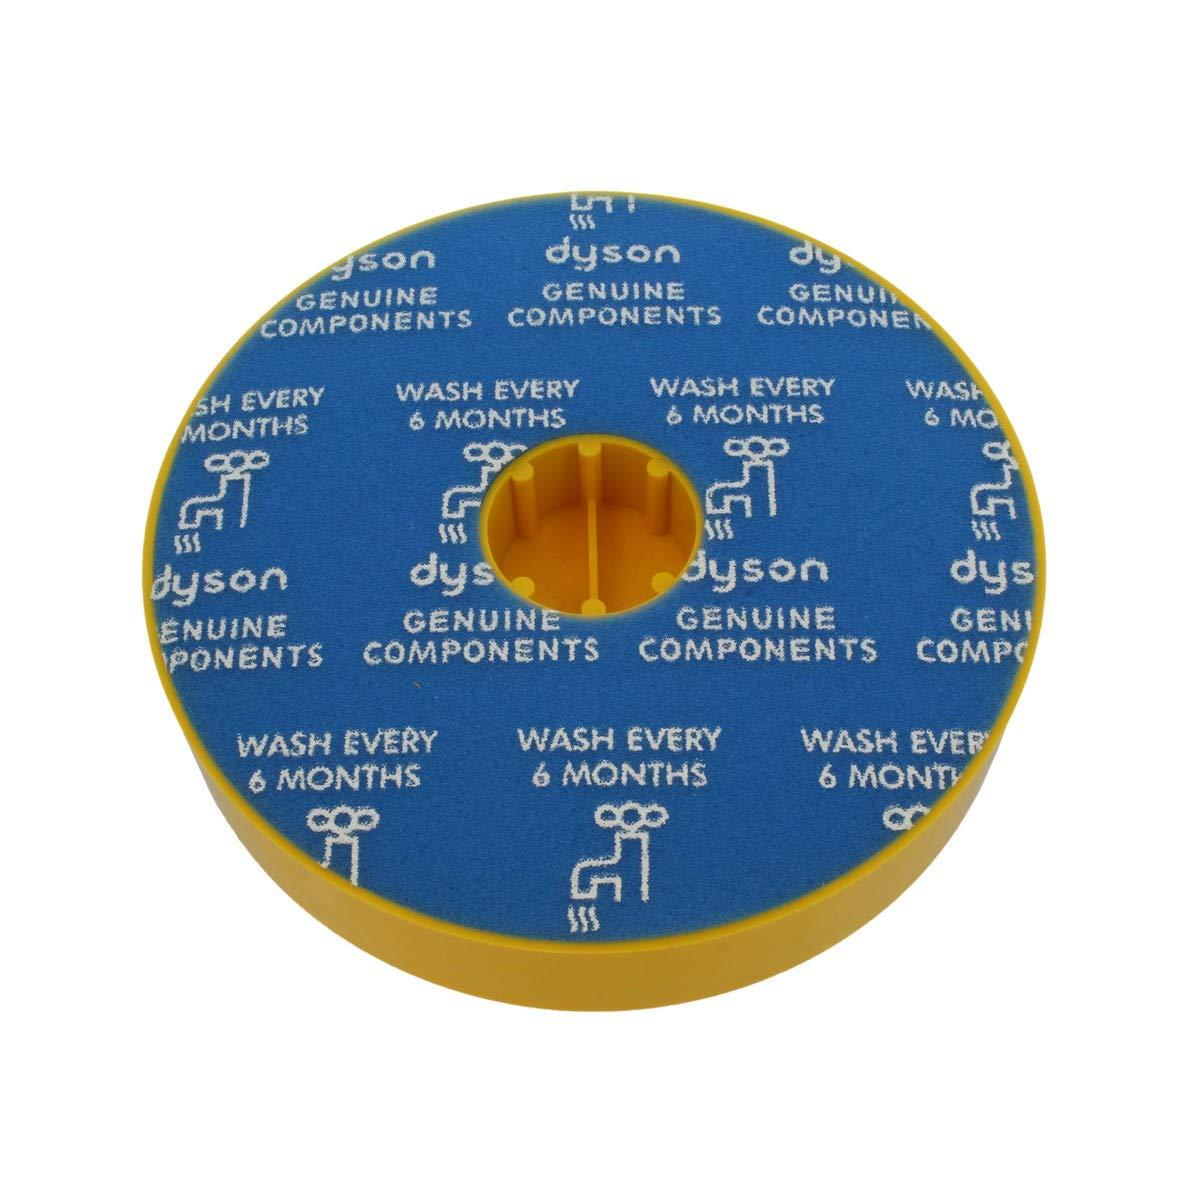 Dyson DC 08 - Filtro Hepa lavable para aspirador: Amazon.es: Hogar